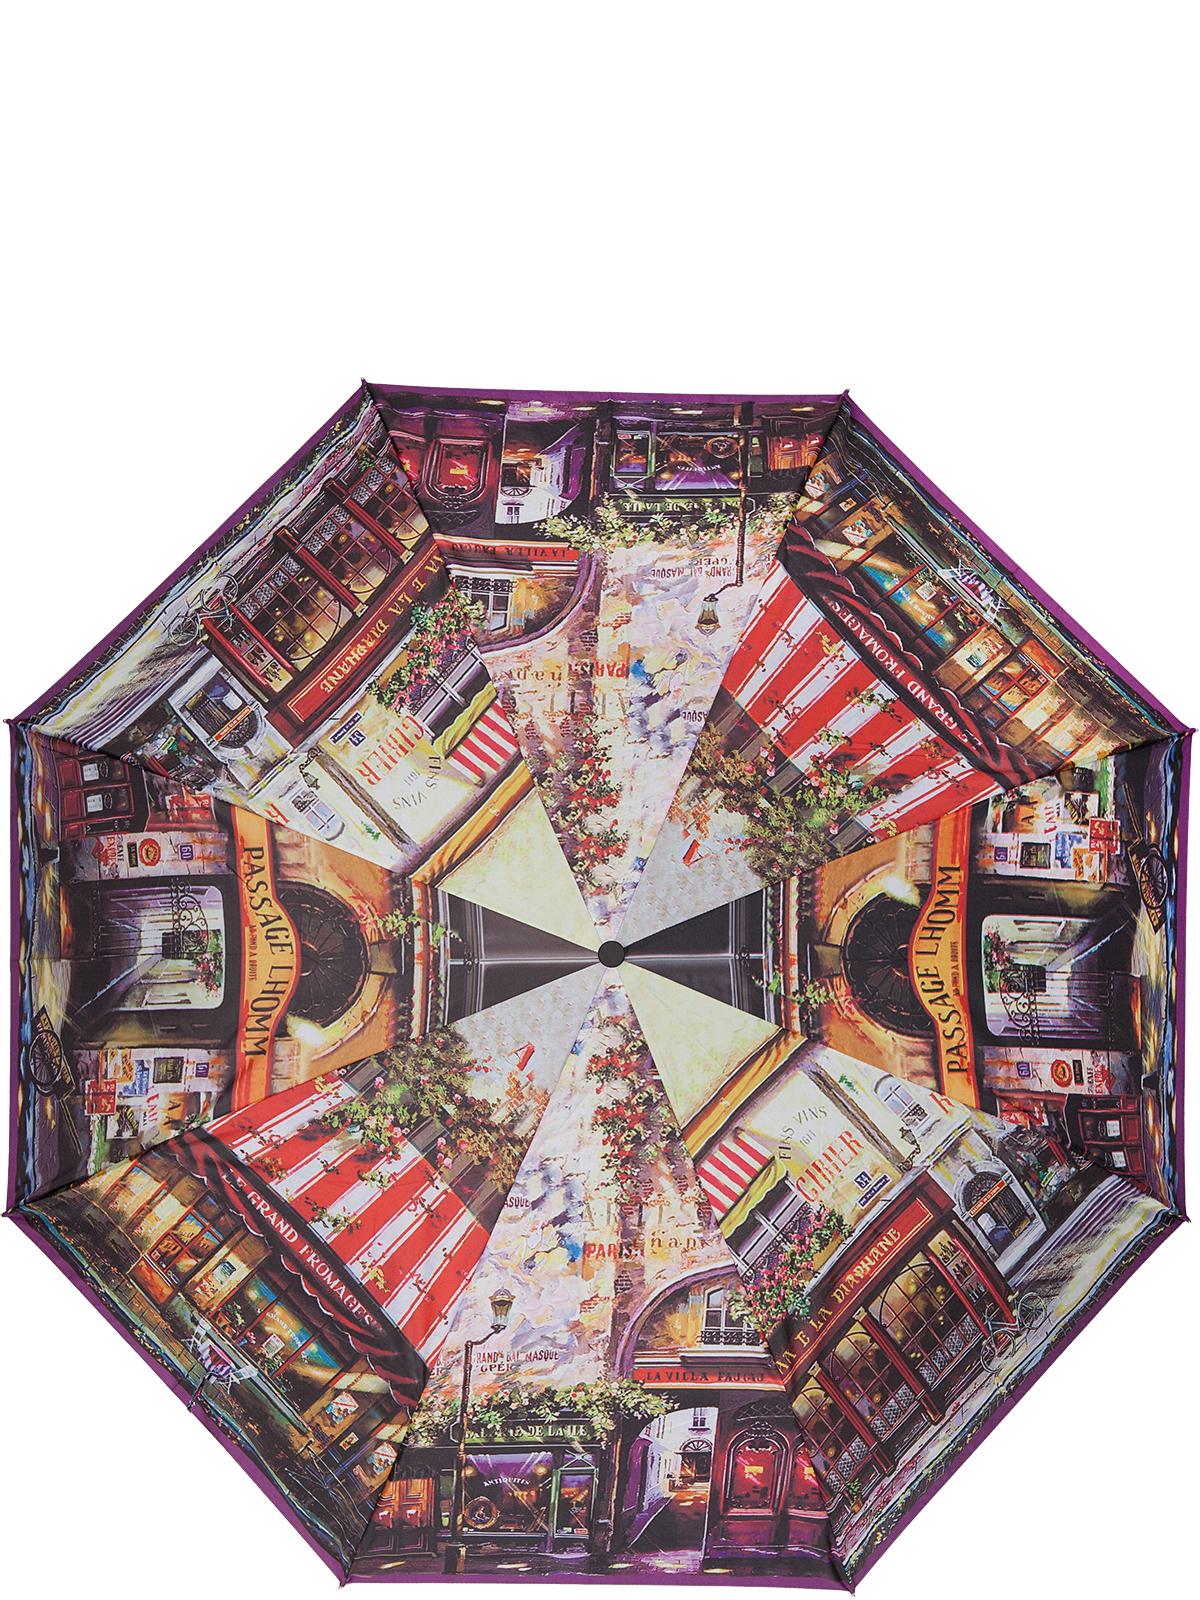 Зонт женский Eleganzza, автомат, 3 сложения, цвет: черный. A3-05-0254LSA3-05-0254LSЖенский зонт-автомат торговой марки ELEGANZZA с каркасом Smart, который позволяет без особых усилий складывать зонт, не позволяя стержню вылетать обратно. Купол: 100% полиэстер, эпонж. Материал каркаса: сталь + алюминий + фибергласс. Материал ручки: пластик. Длина изделия - 30 см. Диаметр купола - 105 см. Система Smart, не позволяет стержню при сложении вылететь обратно, это облегчает сложение зонта! При сложении есть характерный звук-треск, как трещетка. Примечание: зонт не откроется с кнопки если его не закрыть до щелчка!